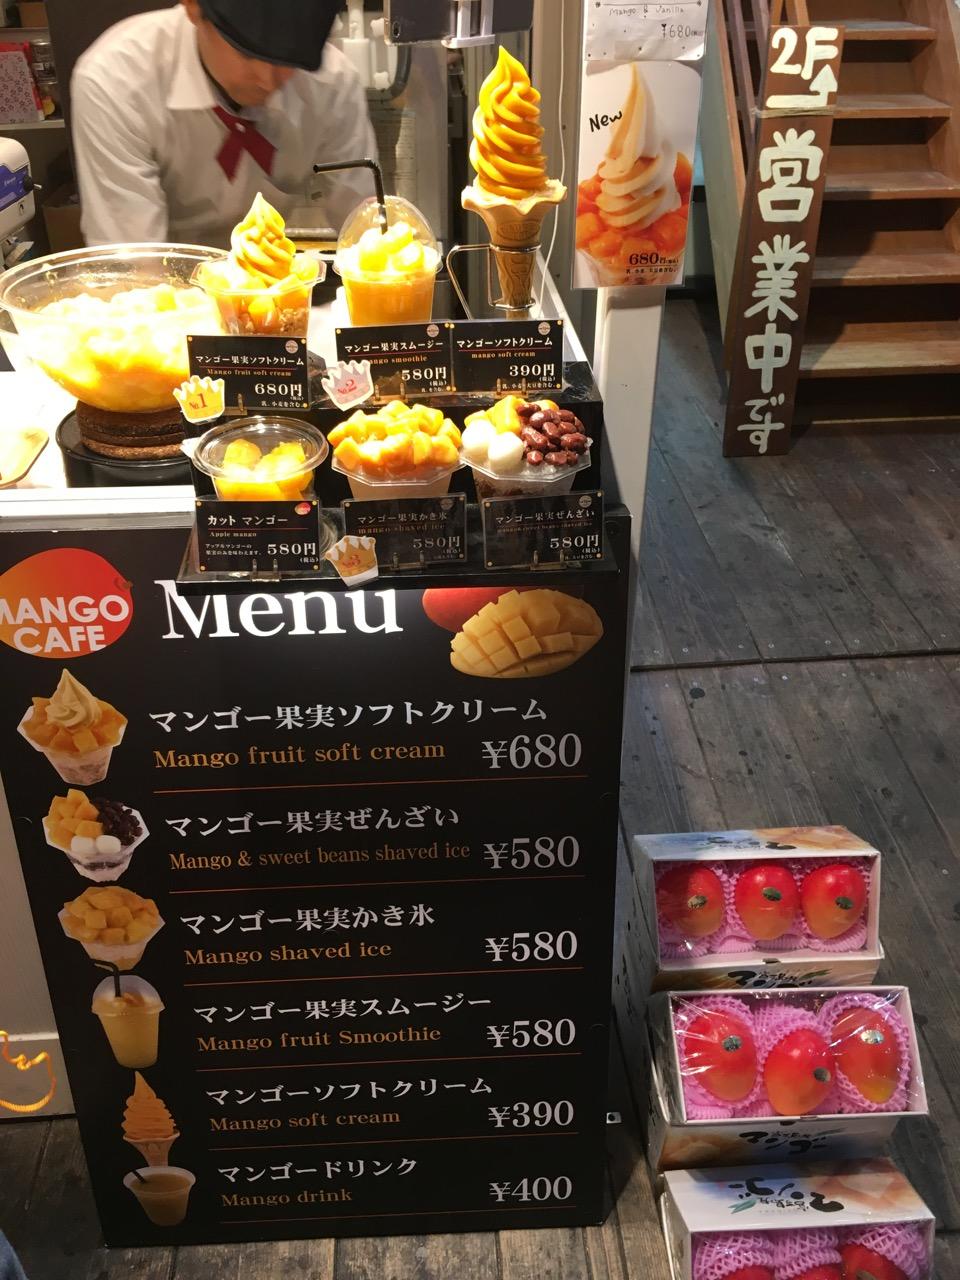 那覇国際通りMANGO CAFE 旬青果店 でマンゴーづくし!